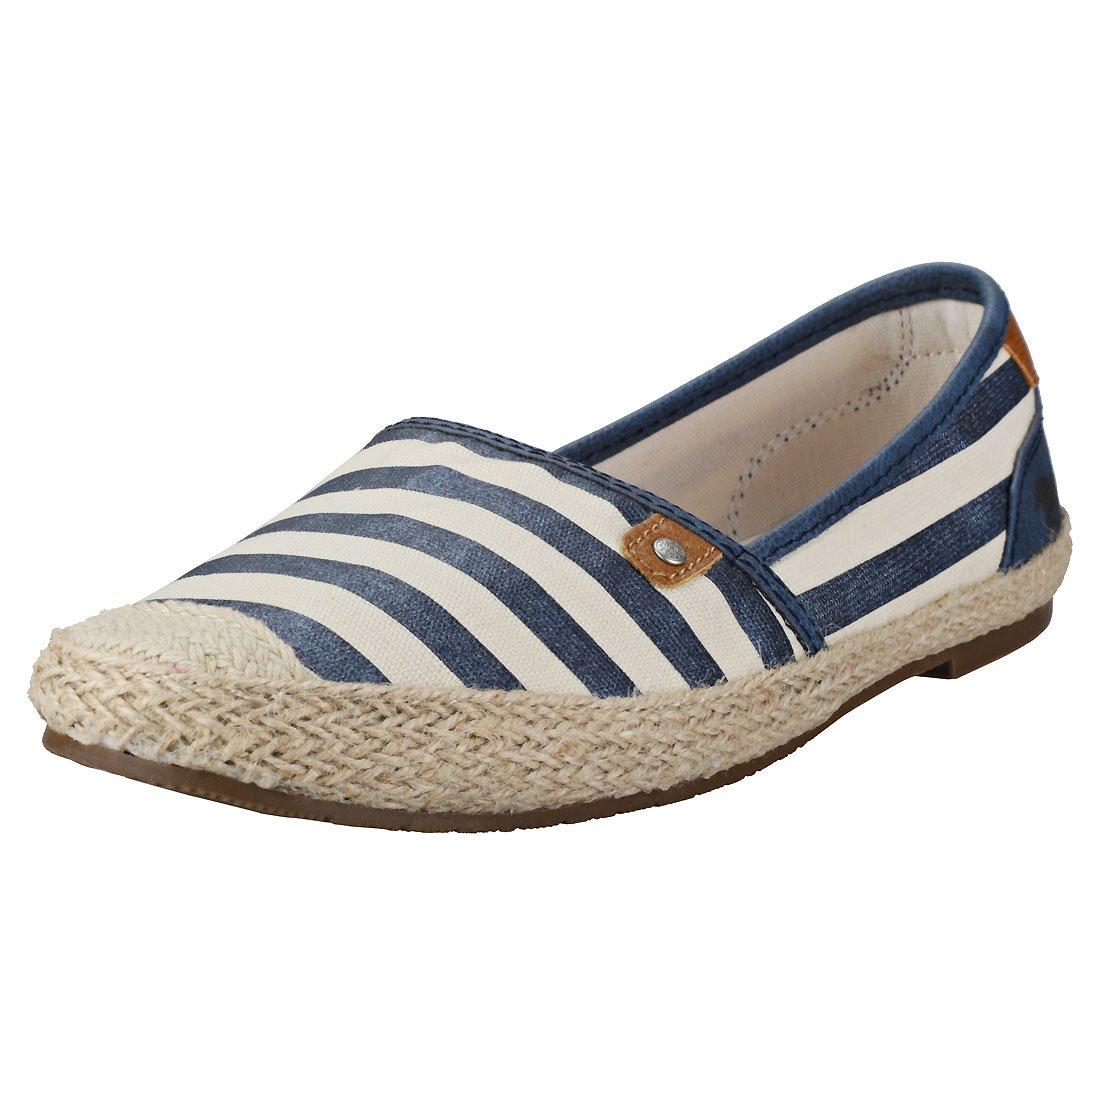 Mustang 1266-207 Mocasines de Cuero para Mujer: Amazon.es: Zapatos y complementos